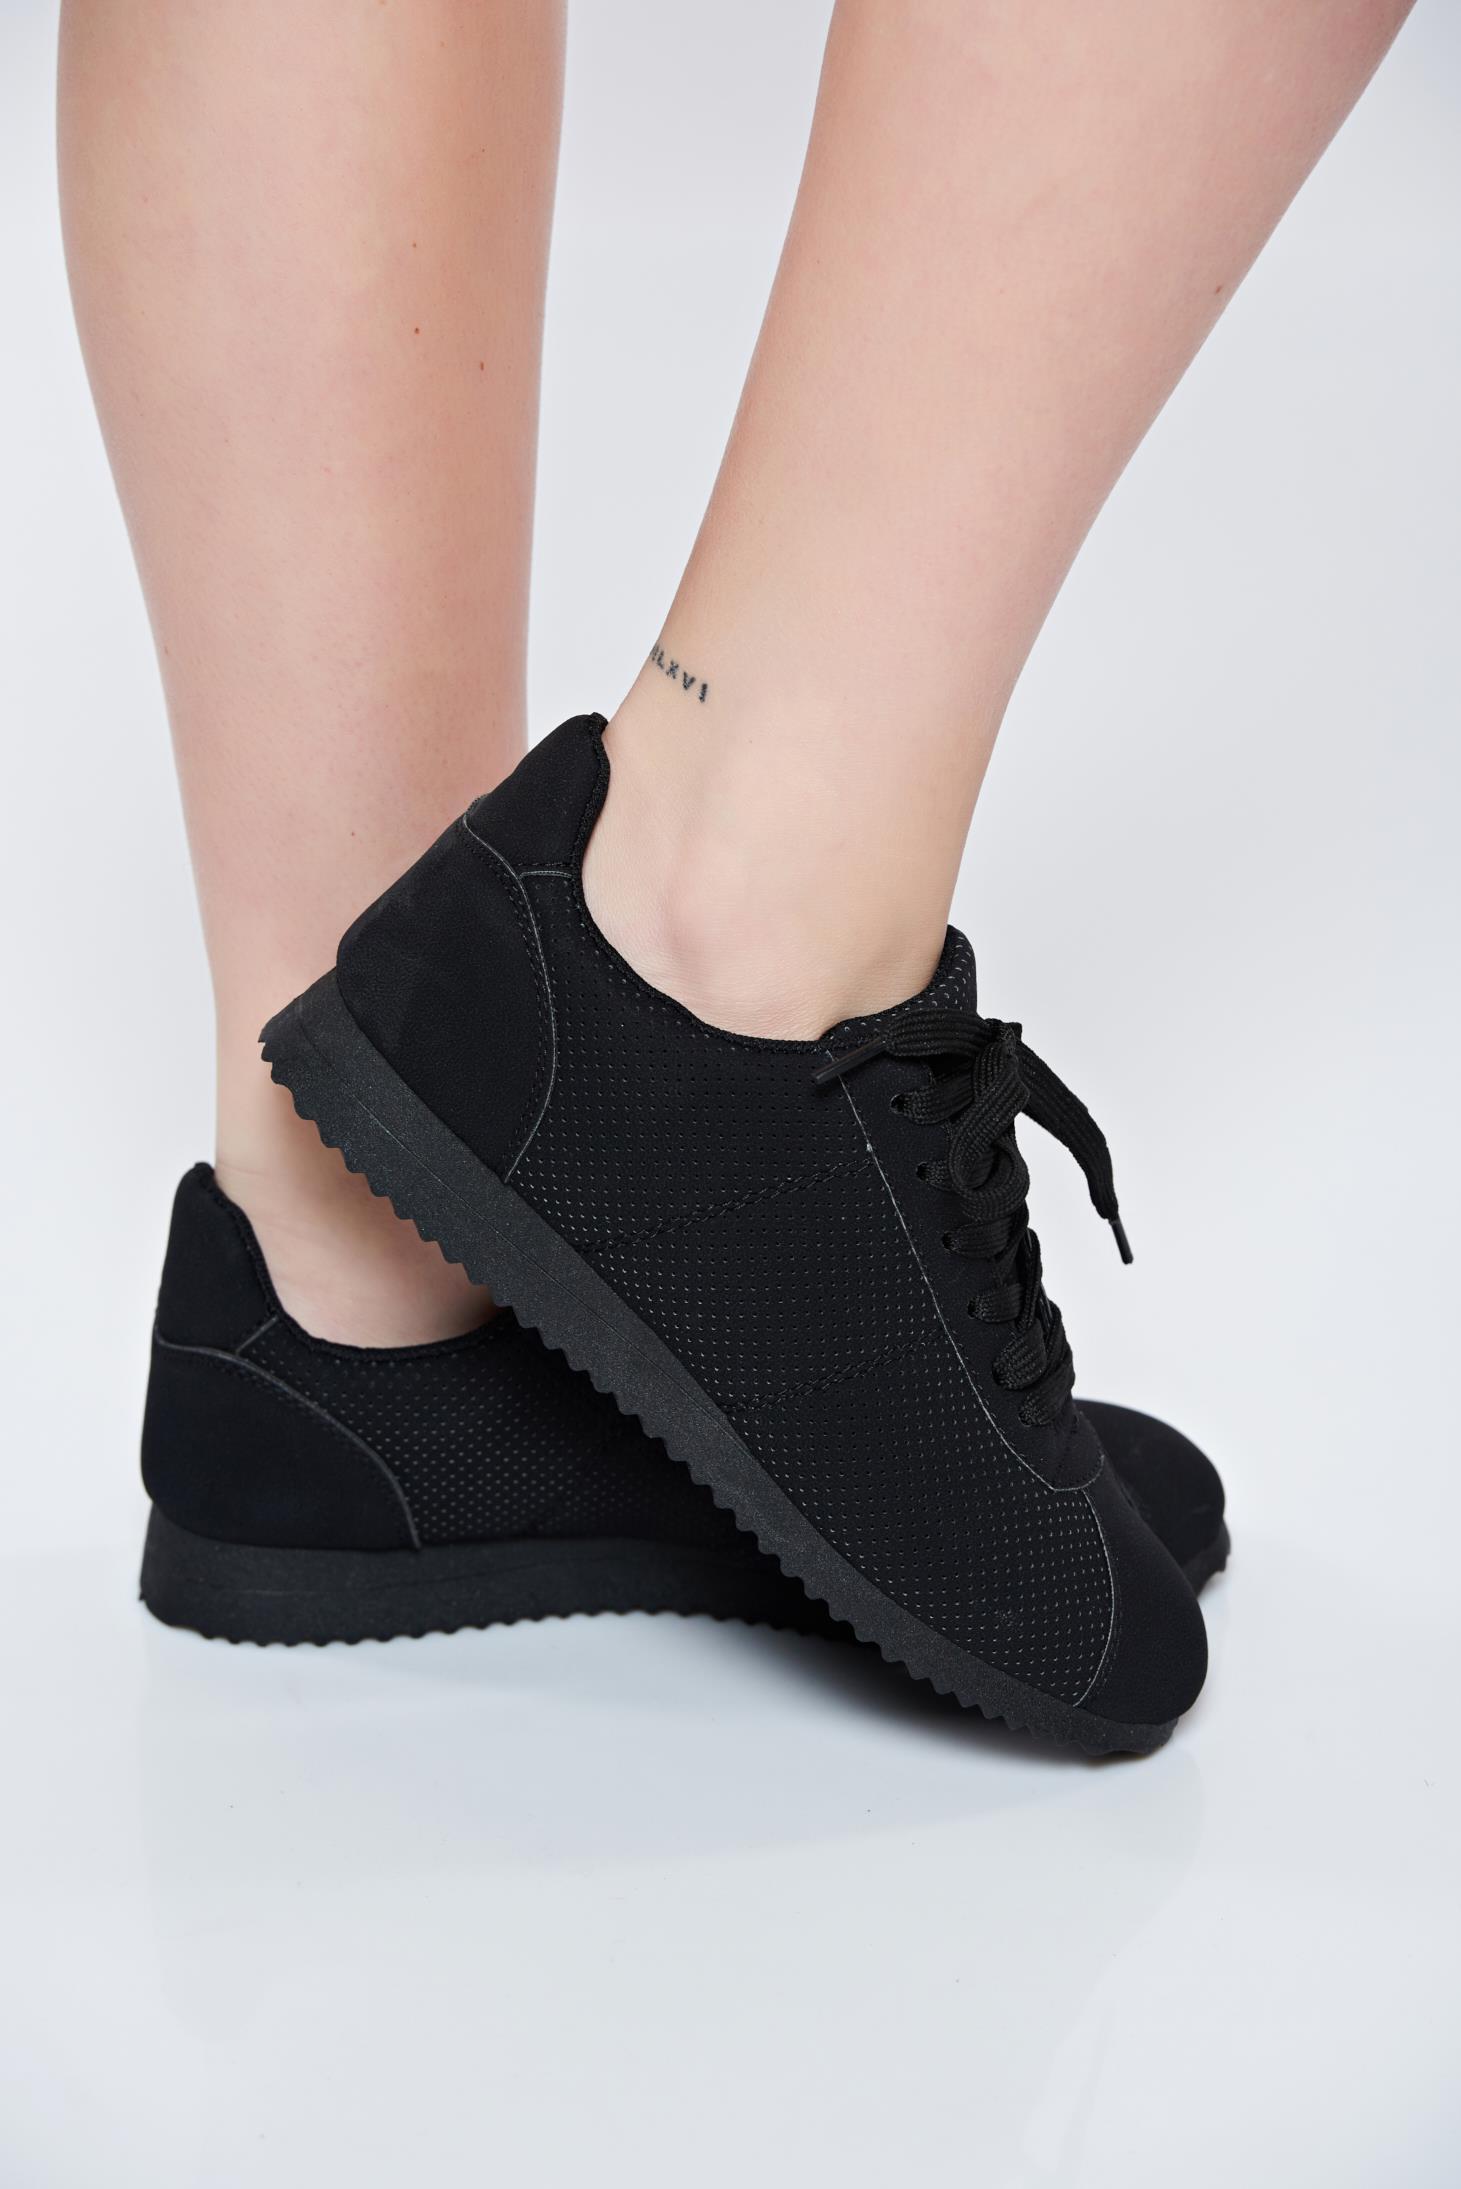 Fekete sport cipő fűzővel köthető meg 9efa726803